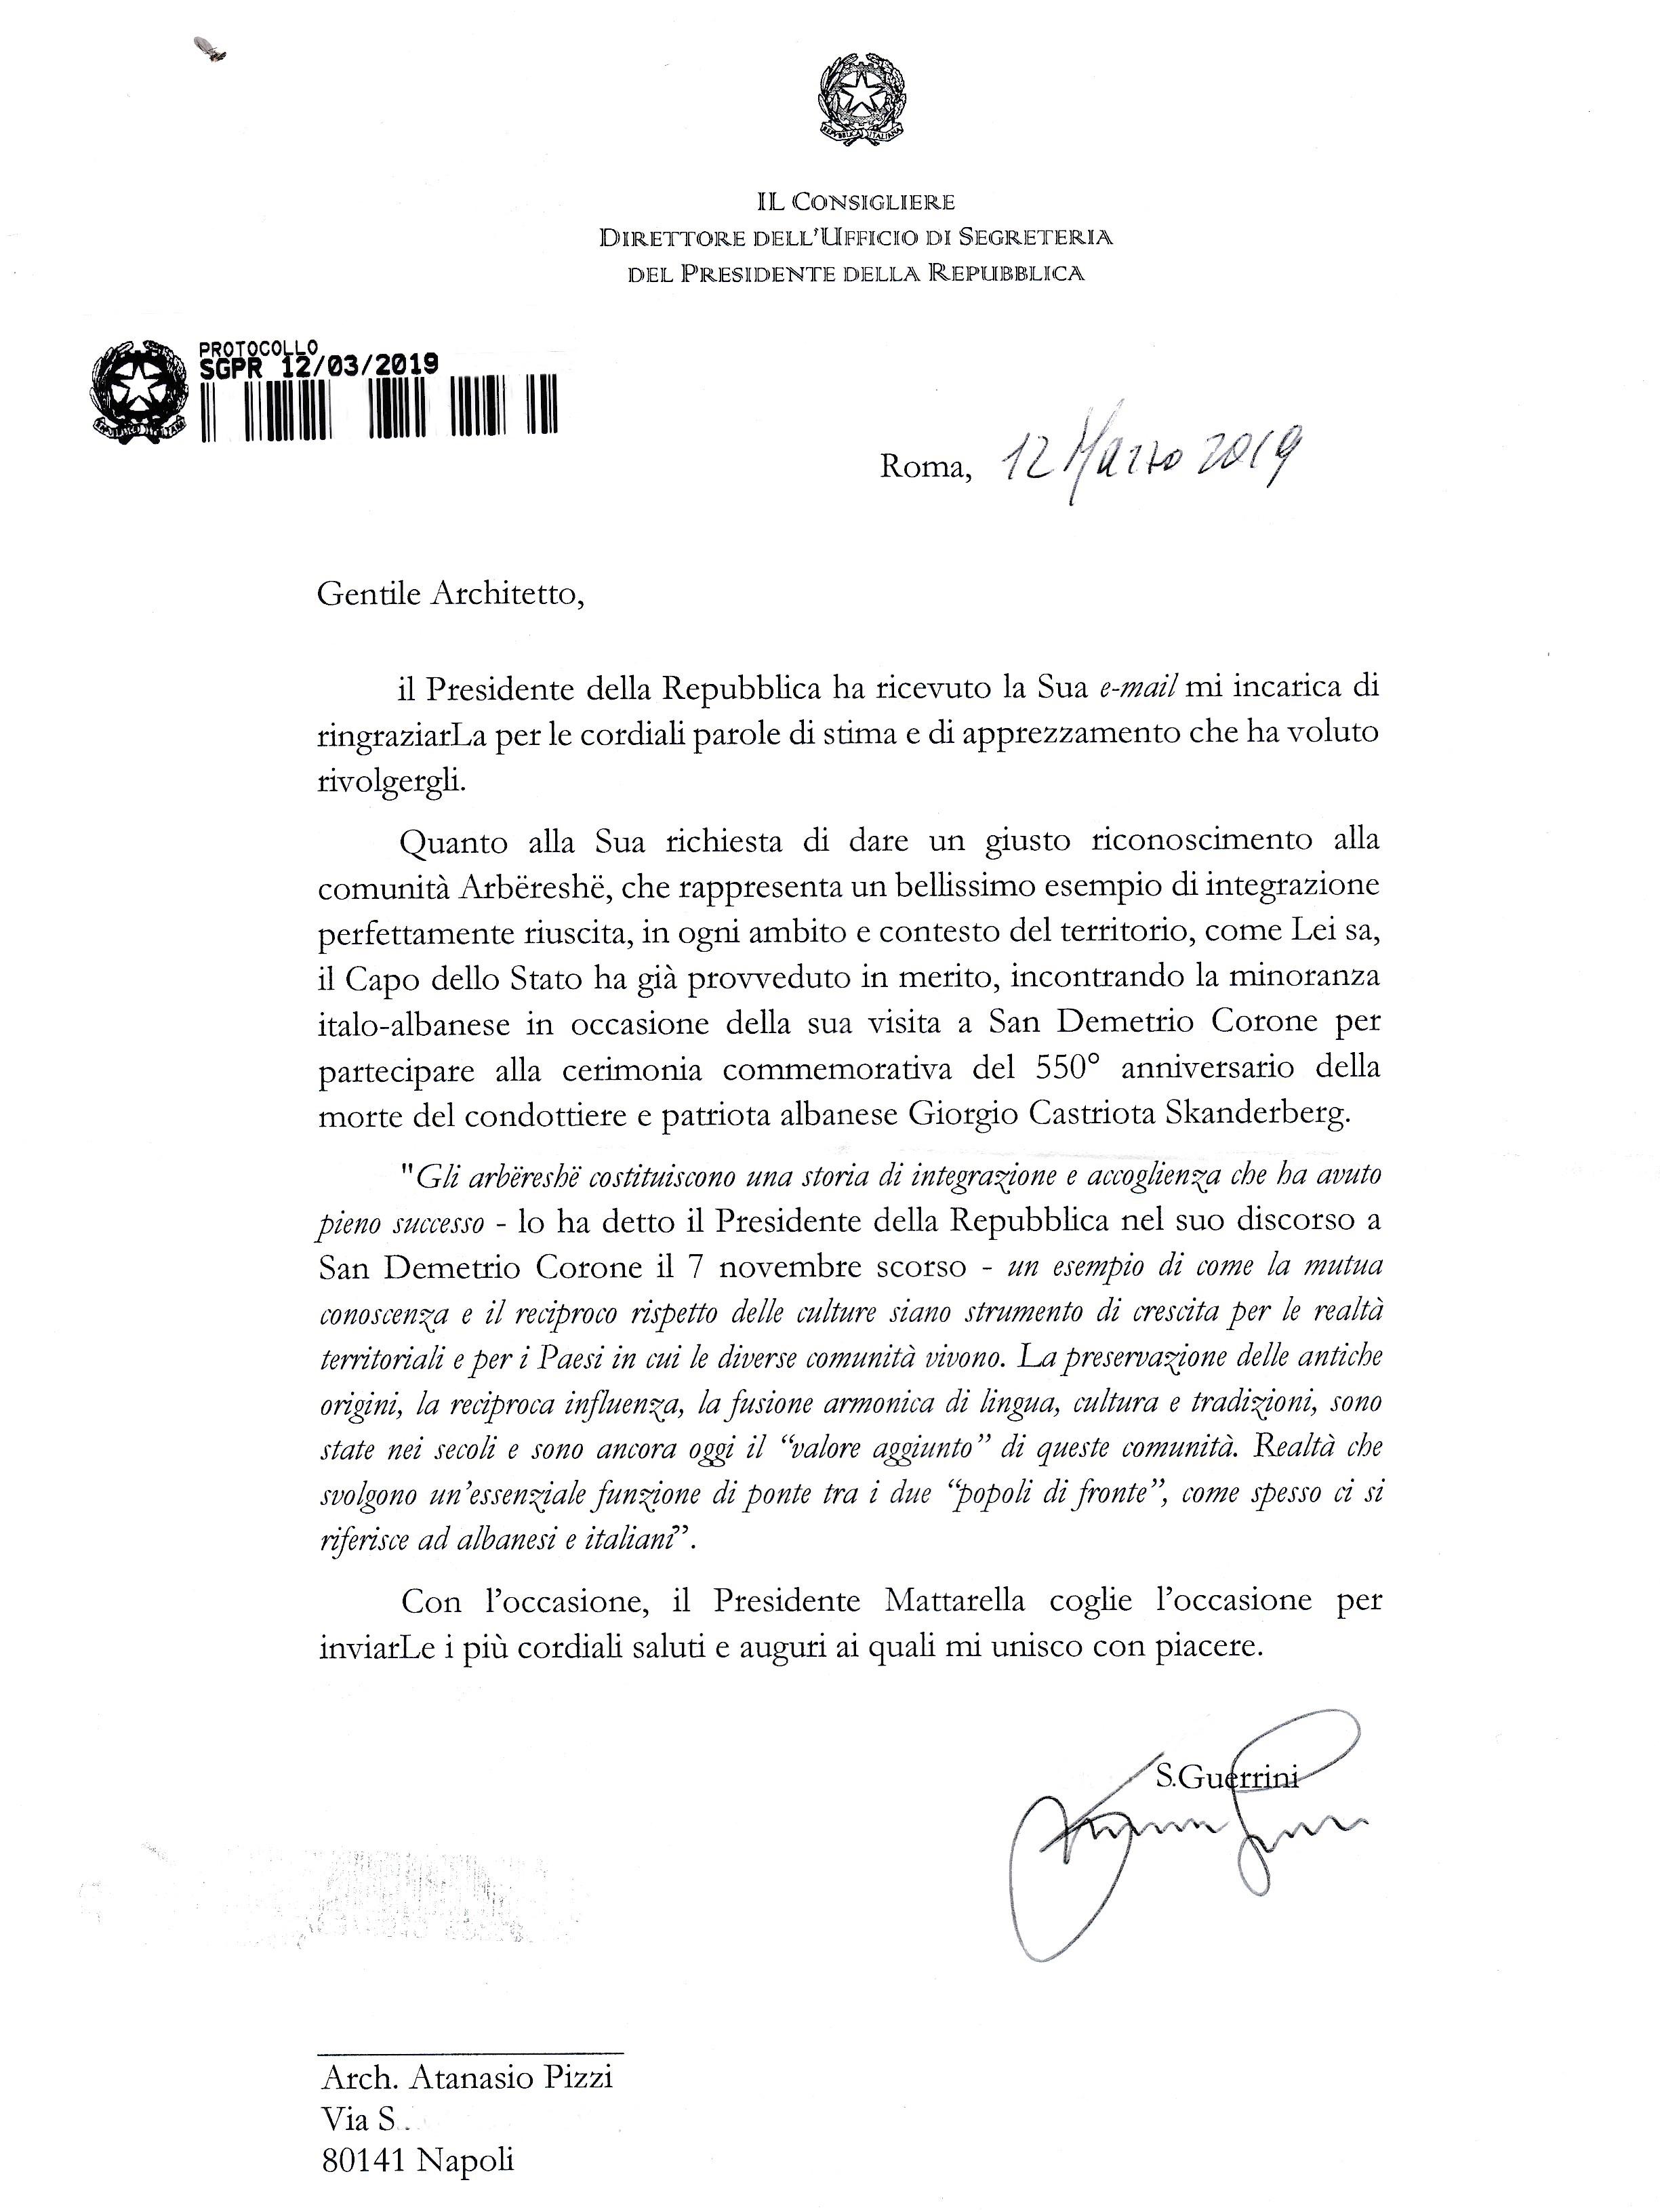 LA RISPOSTA DEL PRESIDENTE DELLA REPUBBLICA ITALIANA, ONOREVOLE SERGIO MATTARELLA,  A QUESTA MIA LETTERA